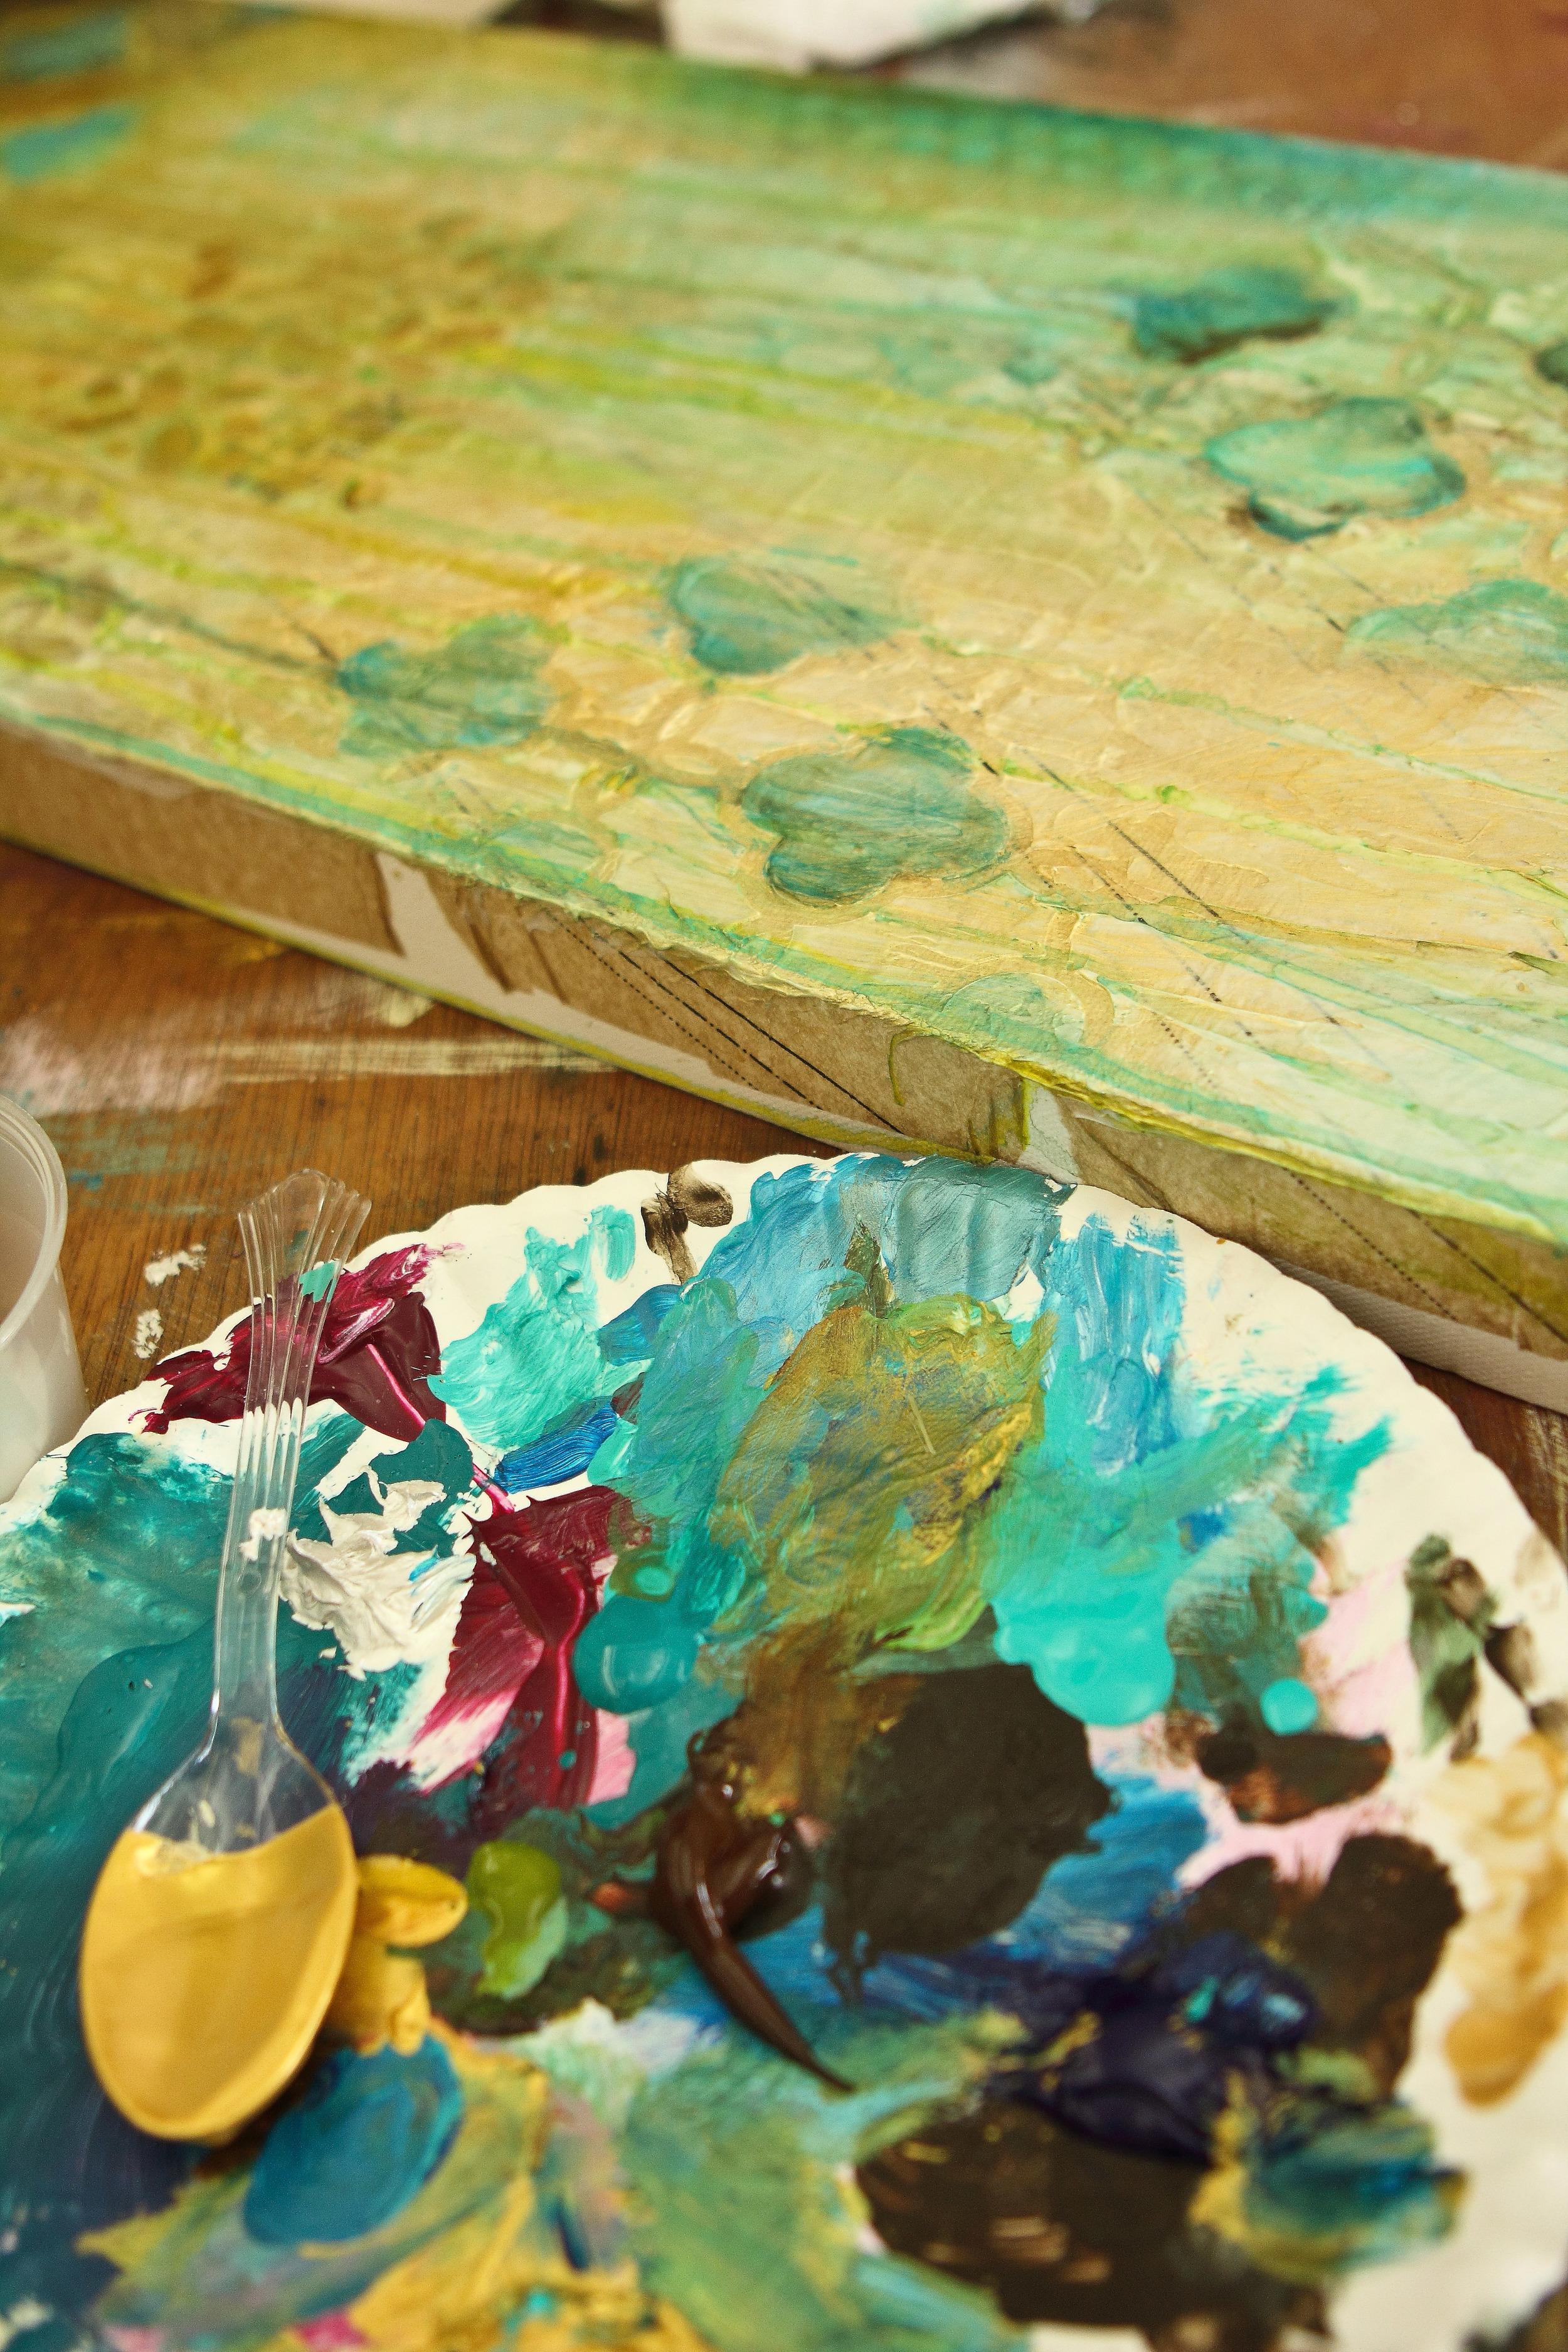 ca painting (detail).jpg